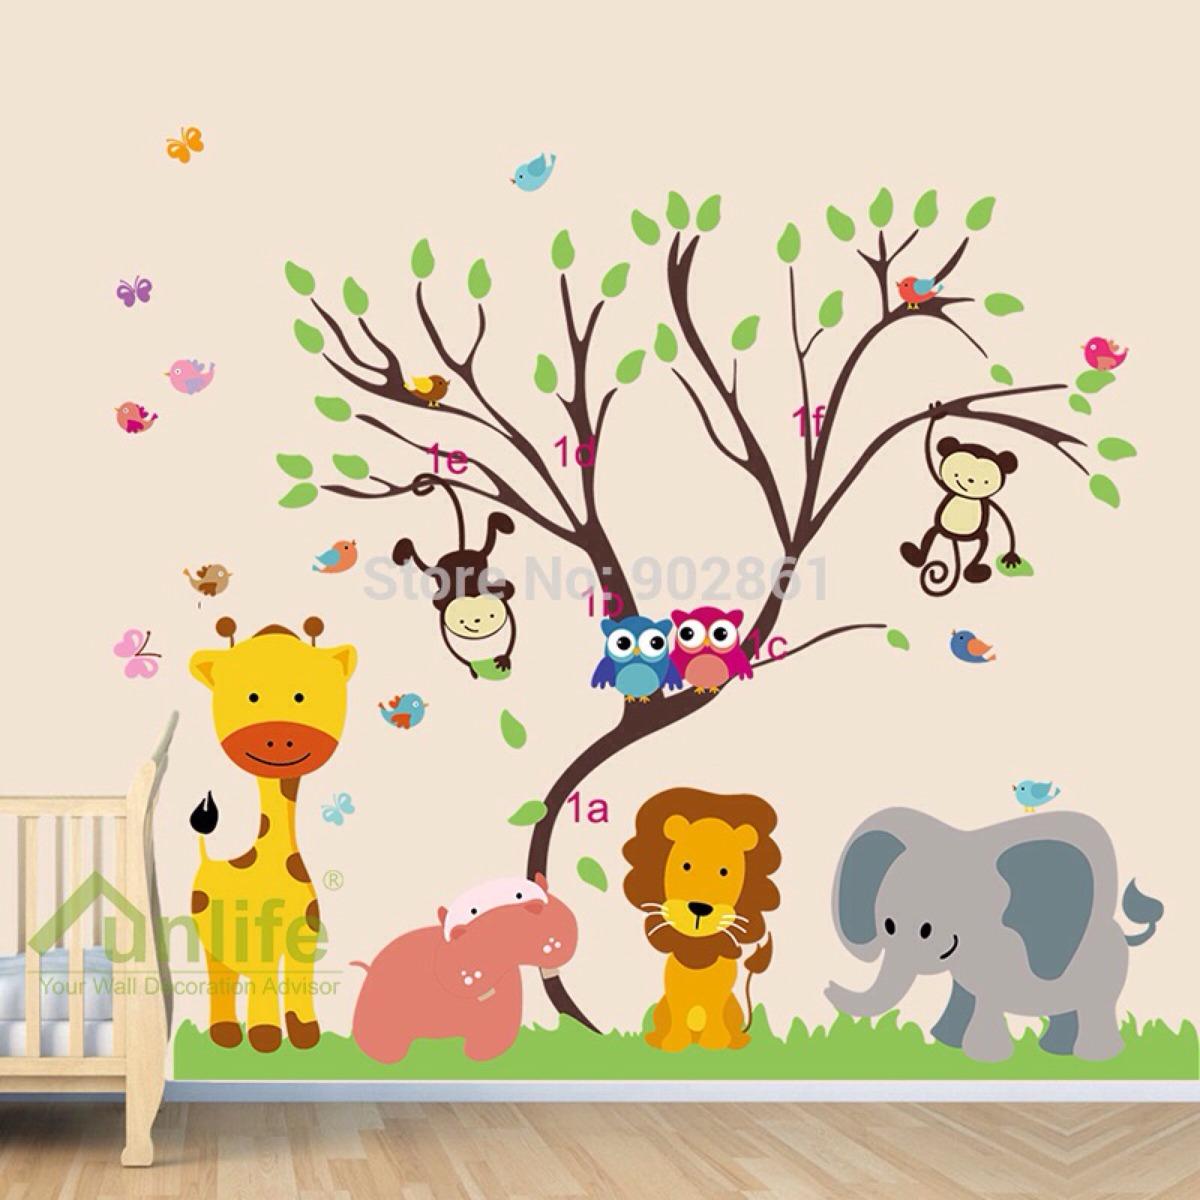 Adesivo De Parede Quarto Infantil Mercado Livre ~ Adesivo De Parede Infantil Animais Na Selva R$ 149,00 em Mercado Livre